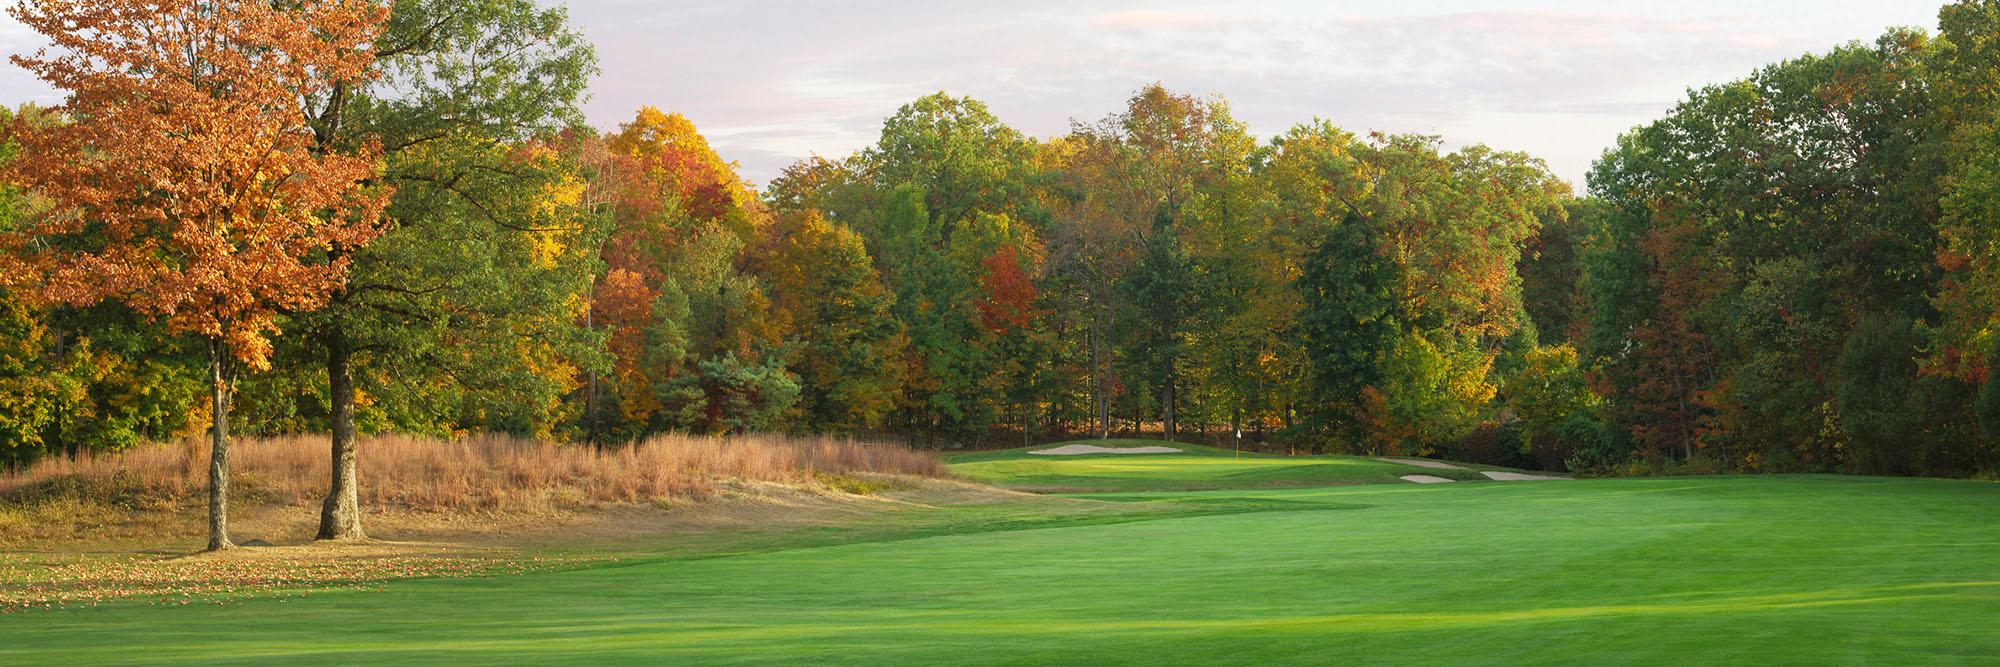 Golf Course Image - The Tuxedo Club No. 4